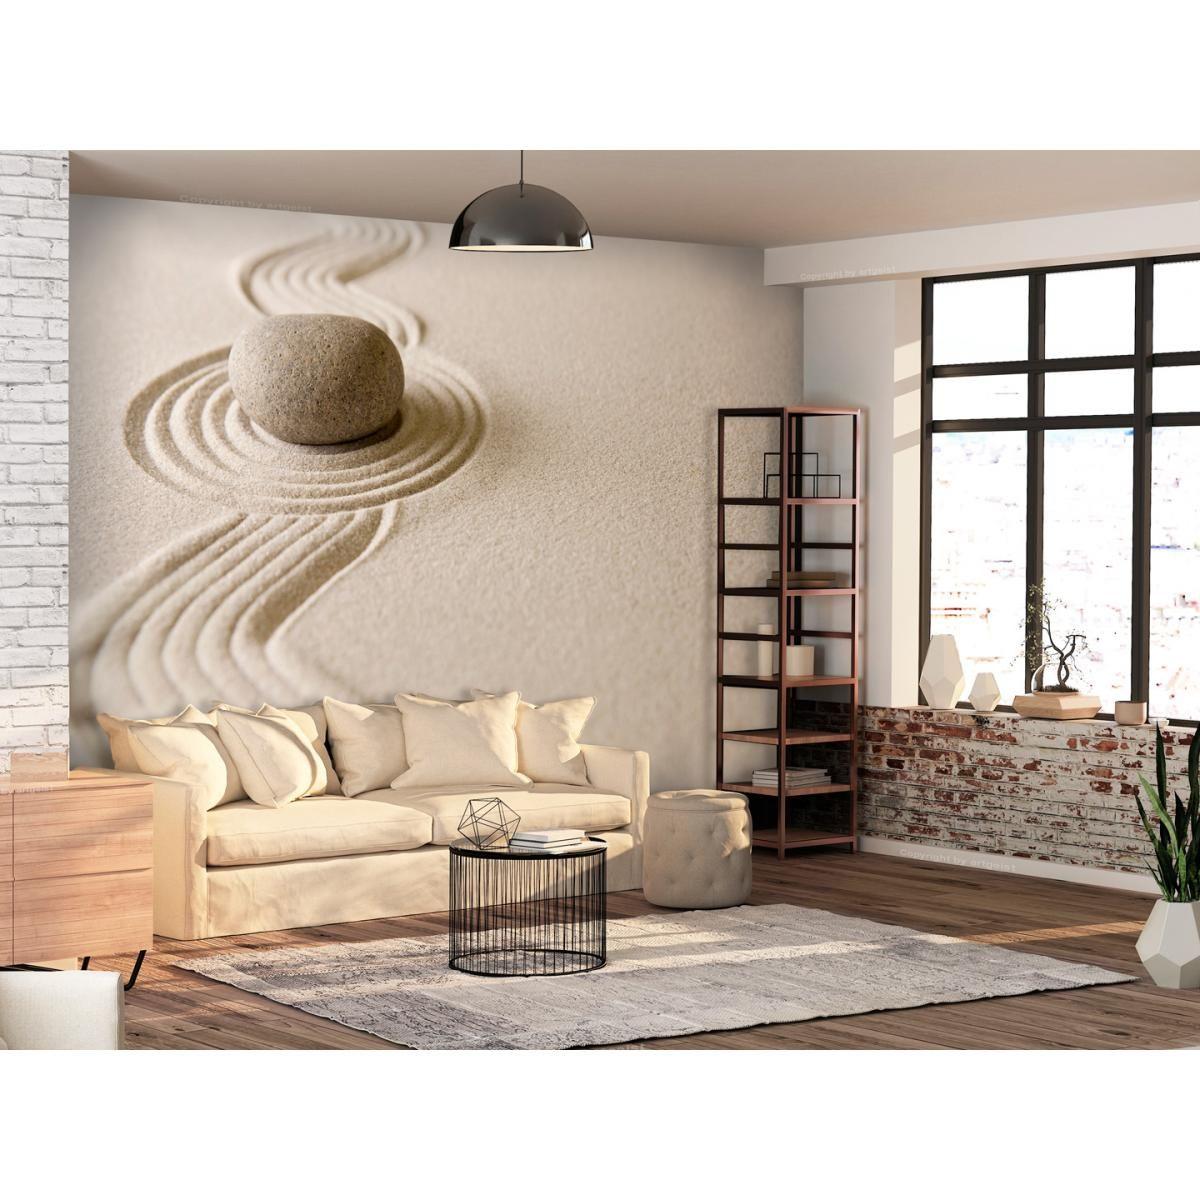 lassen sie sich von dieser fototapete orient inspirieren und richten sie ihr wohnzimmer. Black Bedroom Furniture Sets. Home Design Ideas